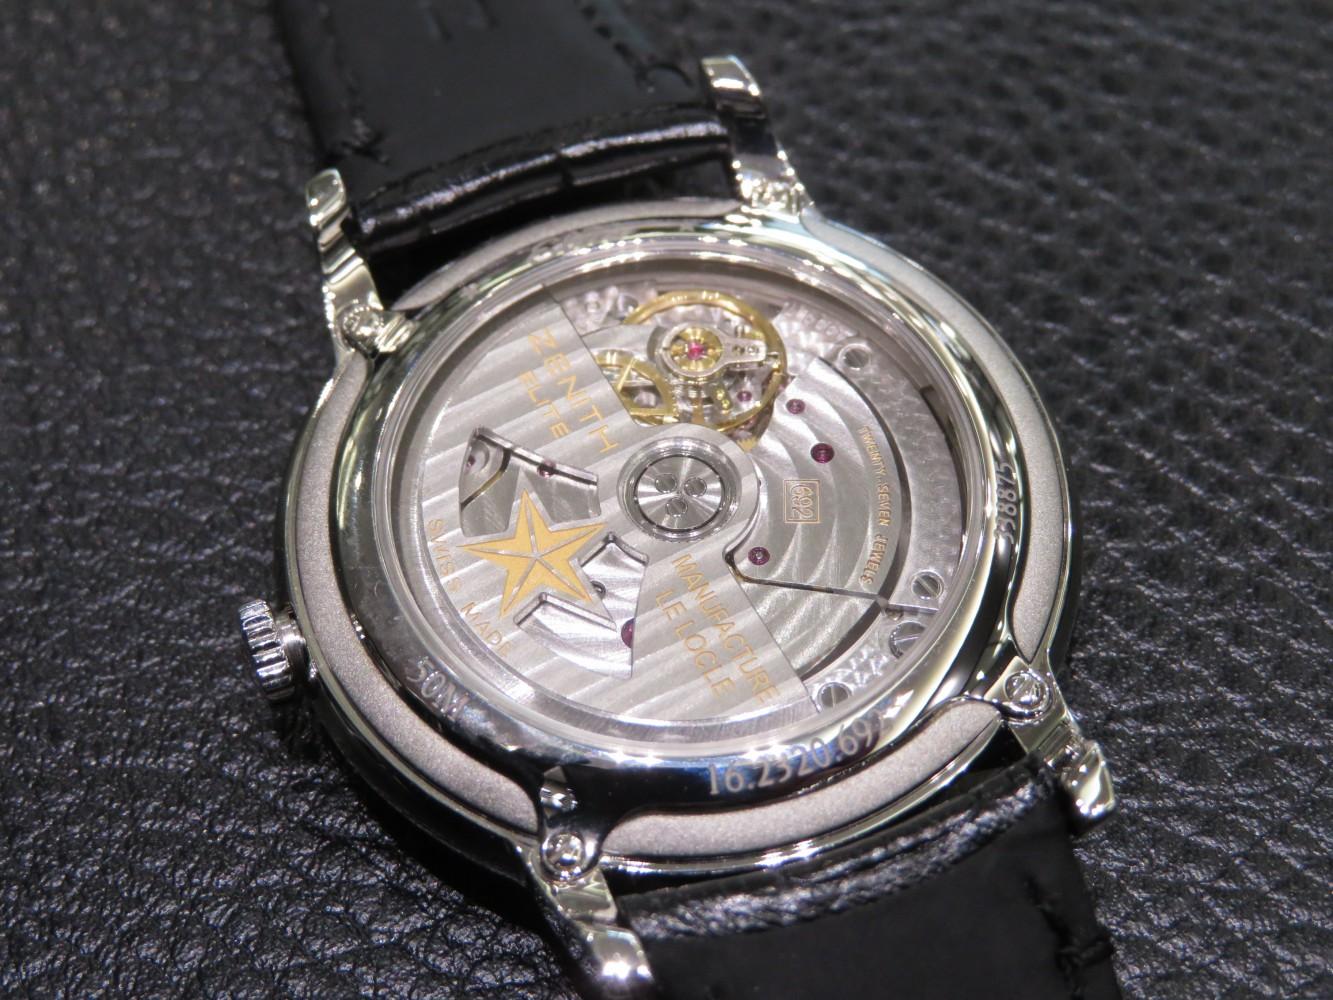 IMG_8214 綺麗なダイヤモンドが特徴的なゼニスレディースウォッチ エリートレディ。 - ELITE